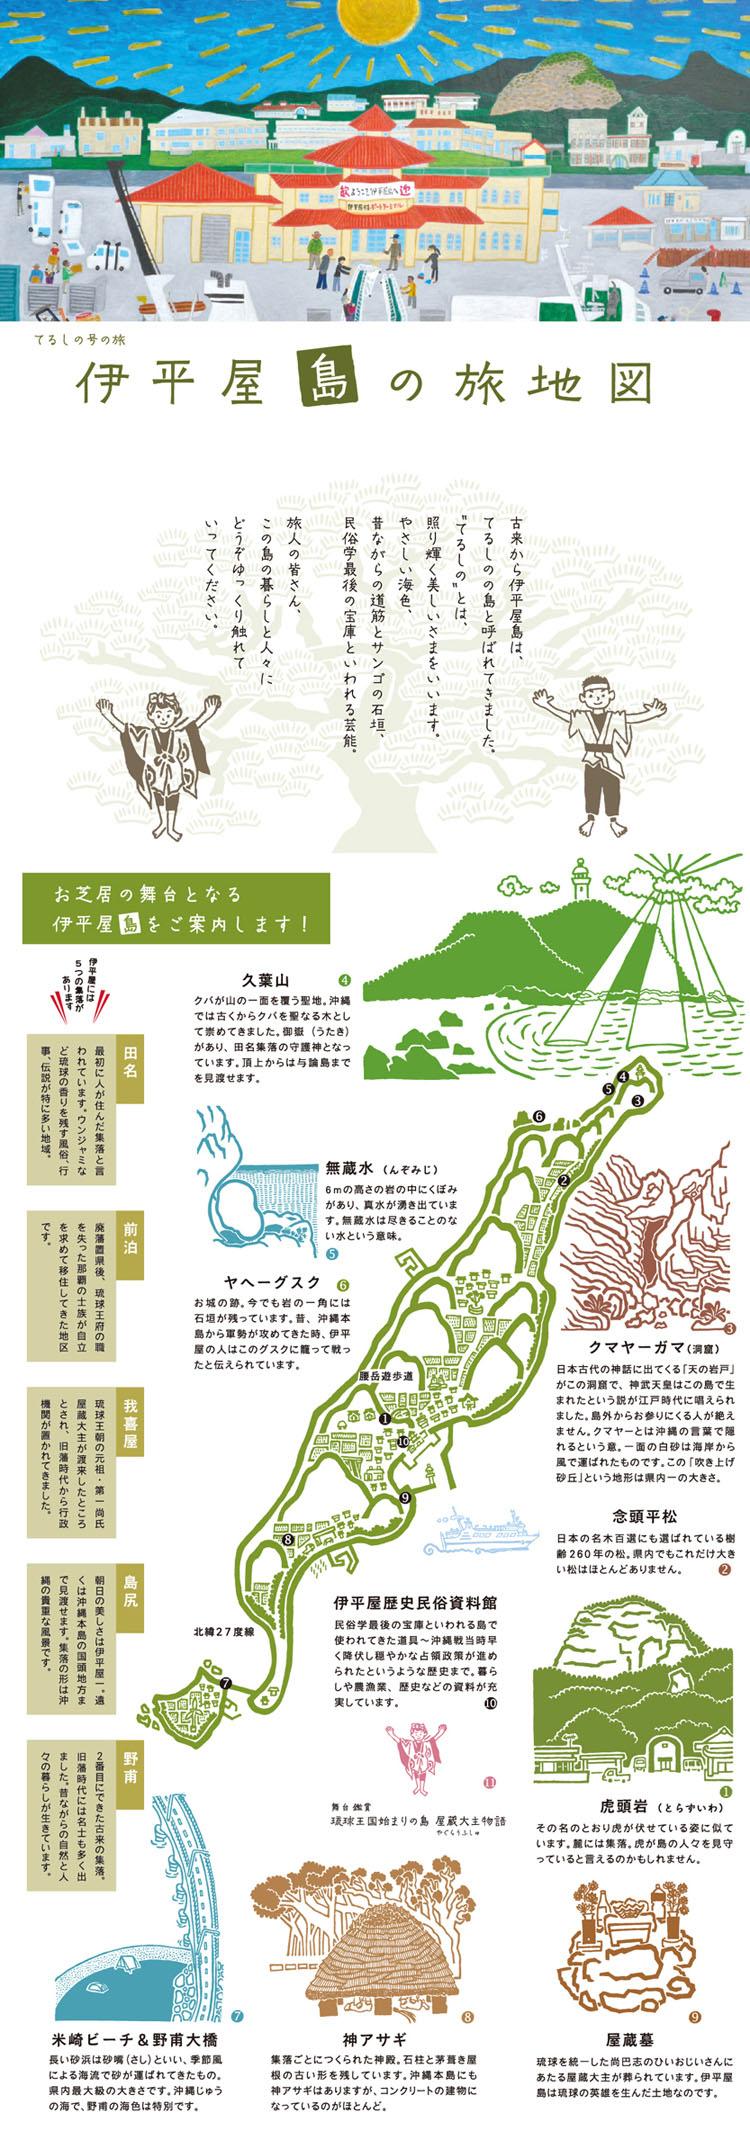 伊平屋島の子どもたちによる『琉球王国始まりの島 屋蔵大主物語』_c0191542_18364353.jpg